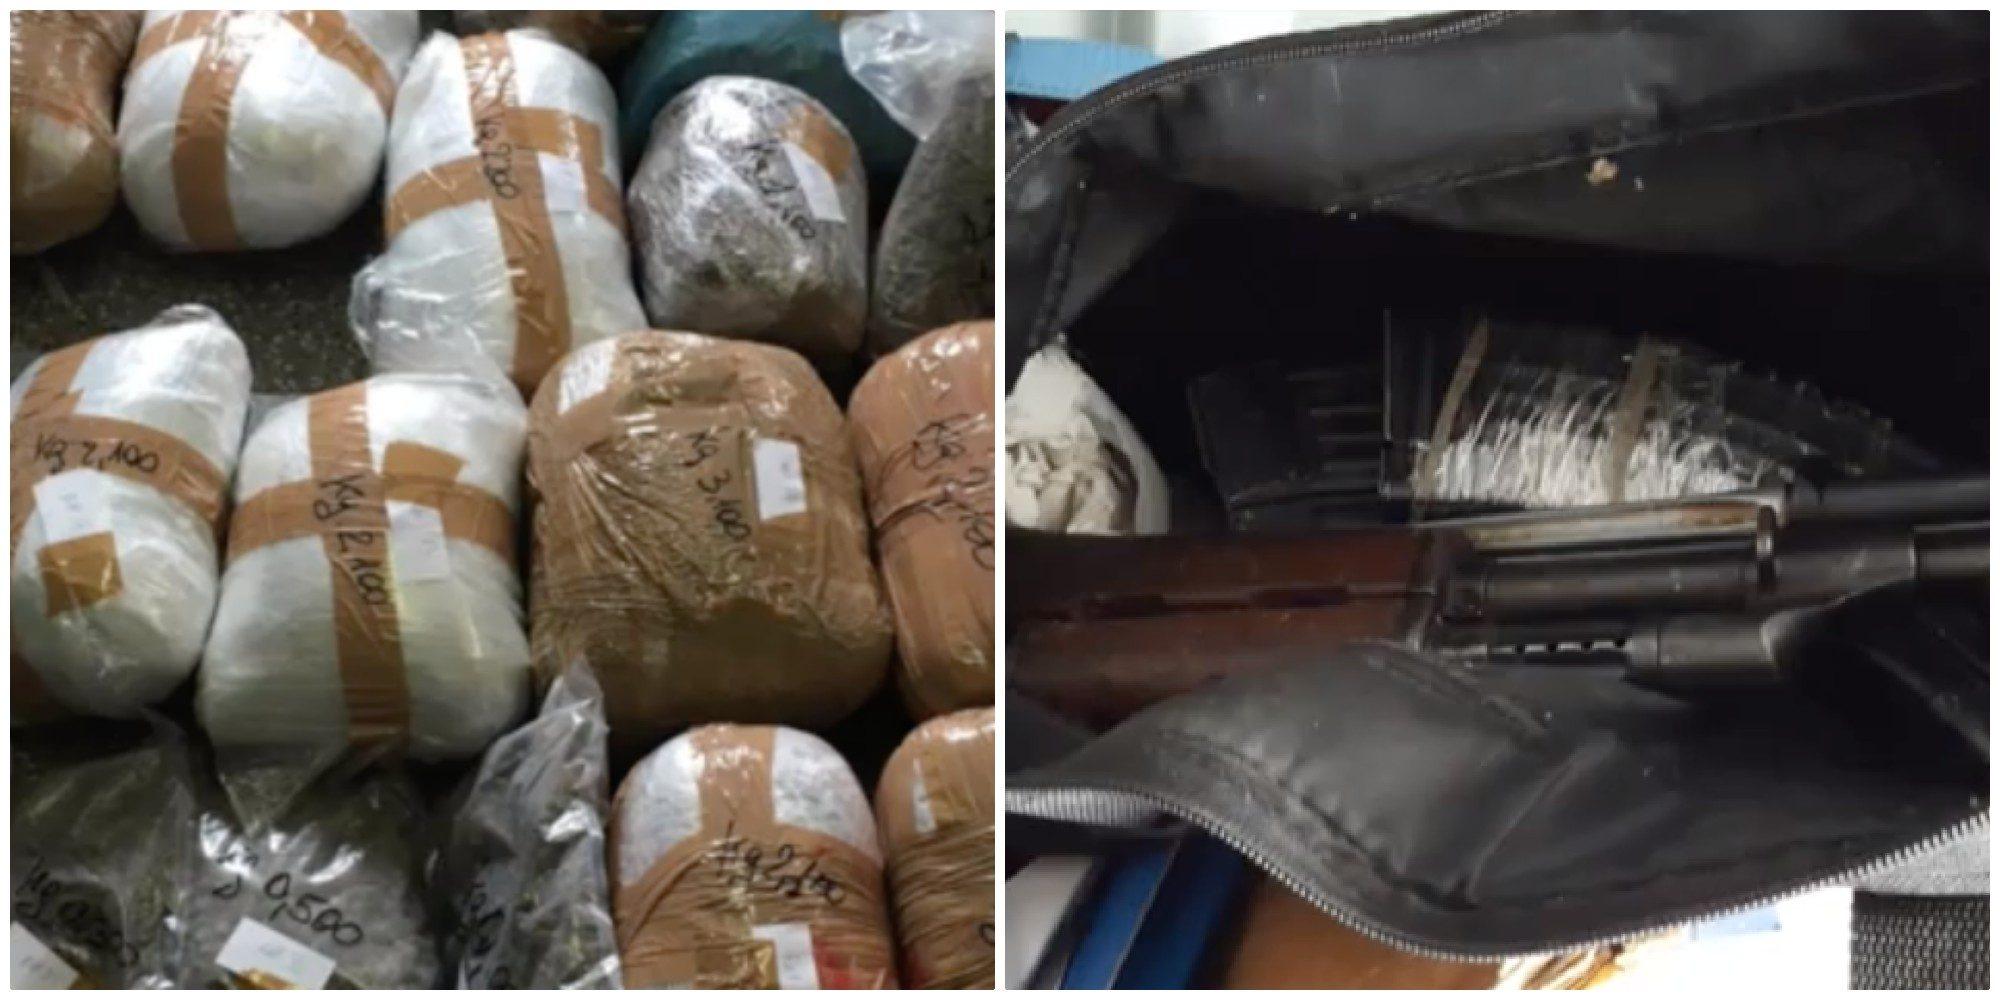 Droga, armi e immigrazione clandestina: l'organizzazione attiva tra Italia, Inghilterra e Albania